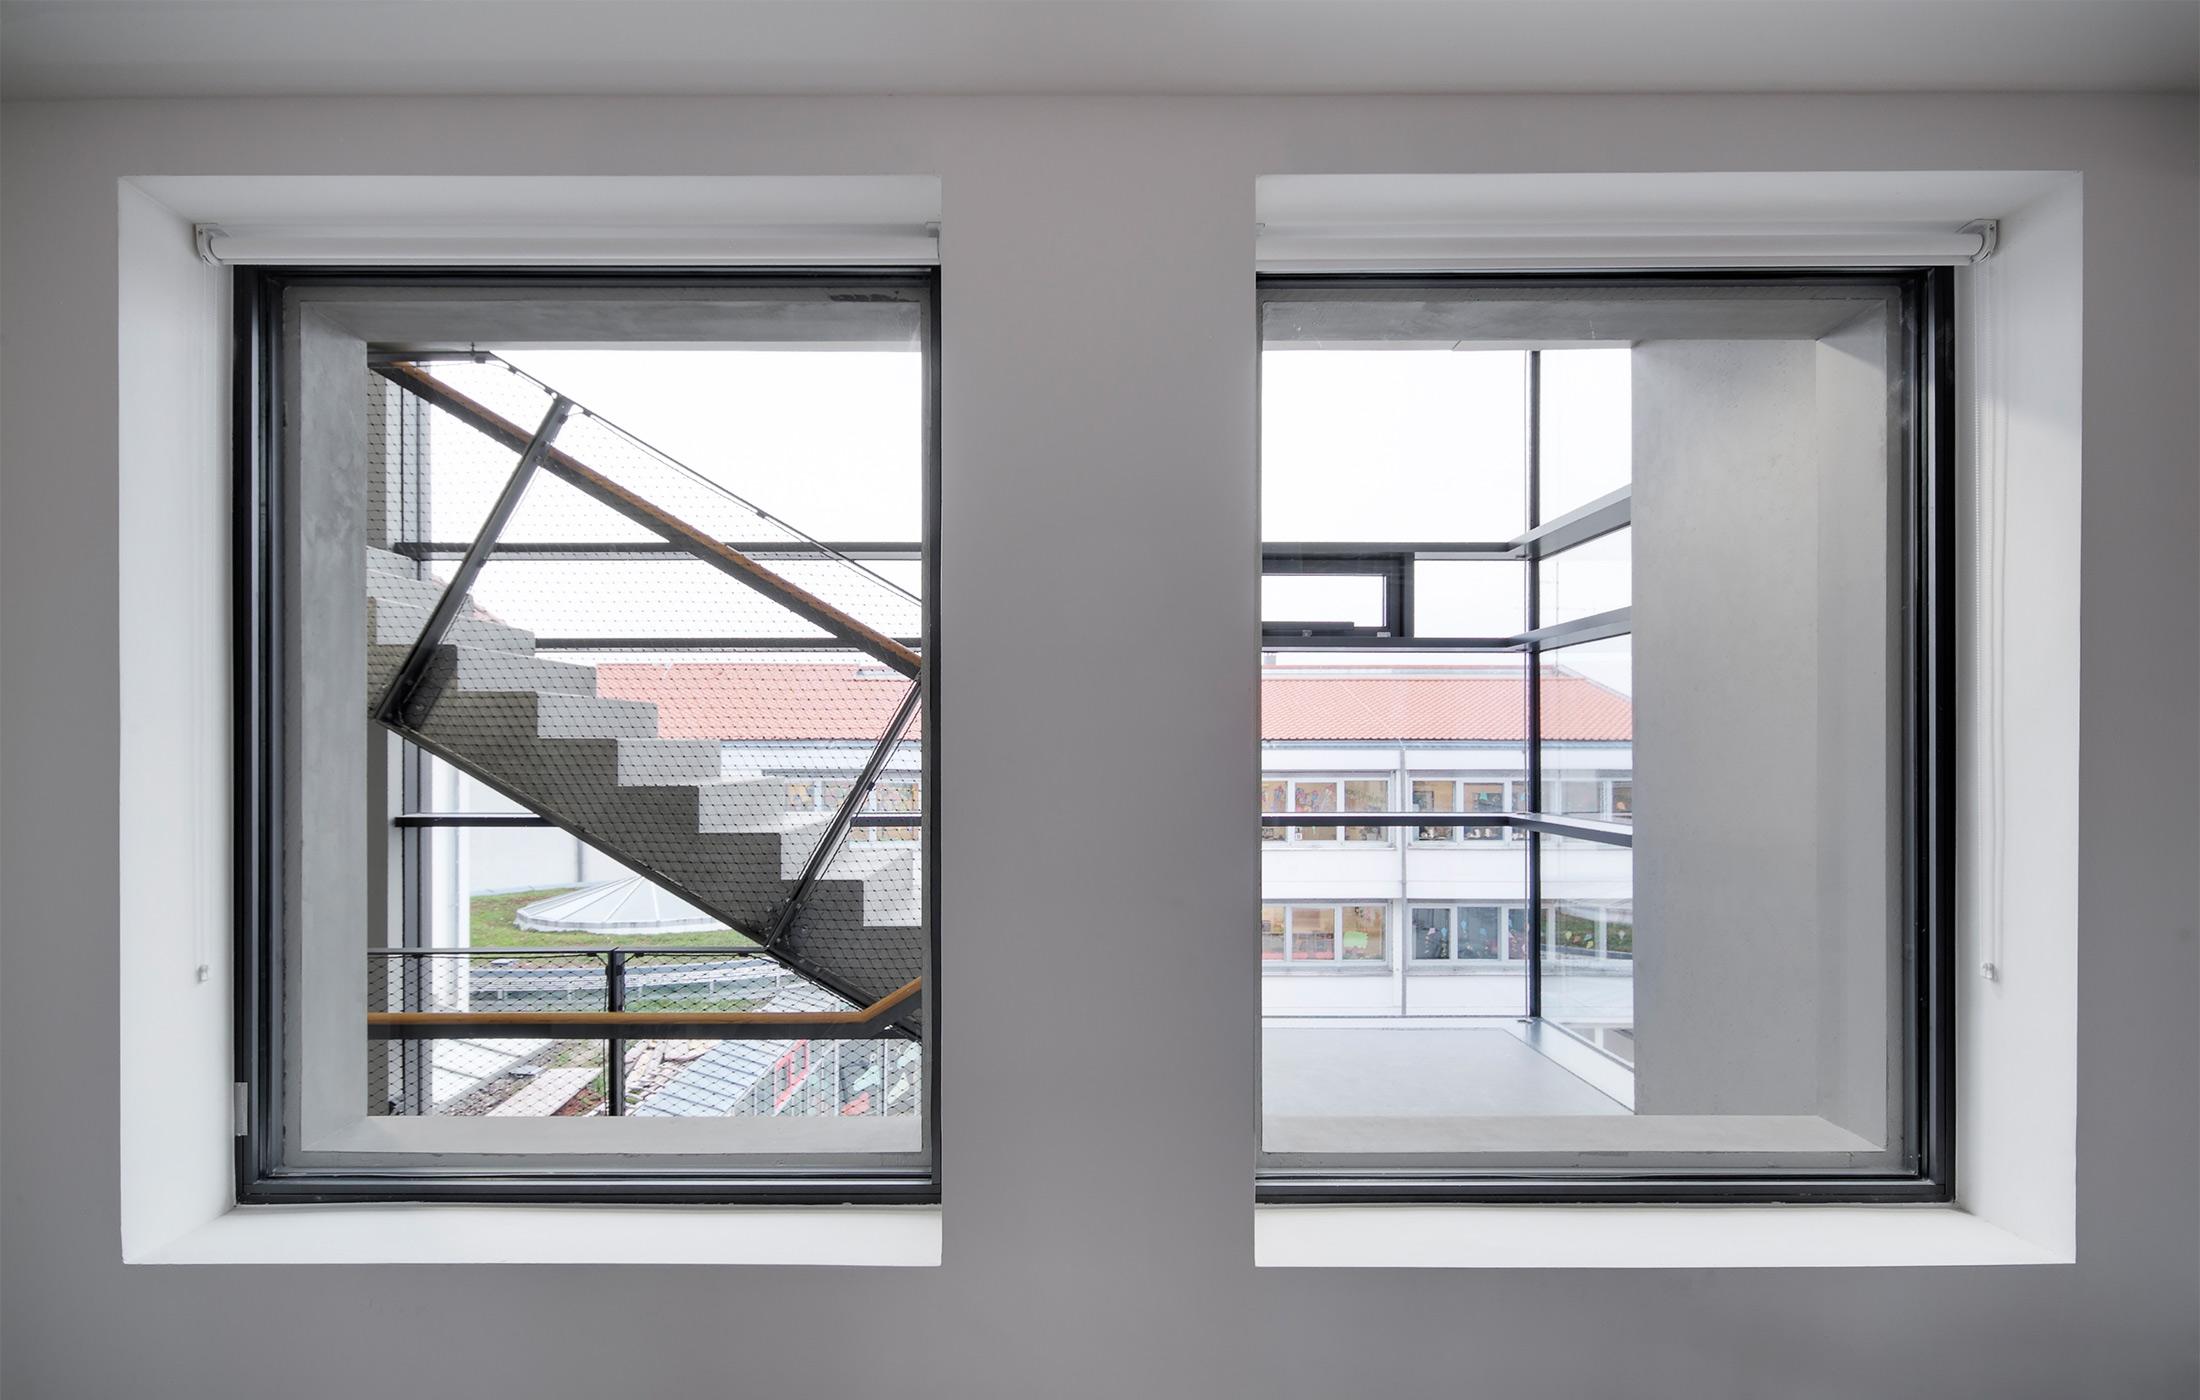 2014, Sanierung und Umbau der Zeppelinschule und Musikschule, Leinfelden-Echterdingenn